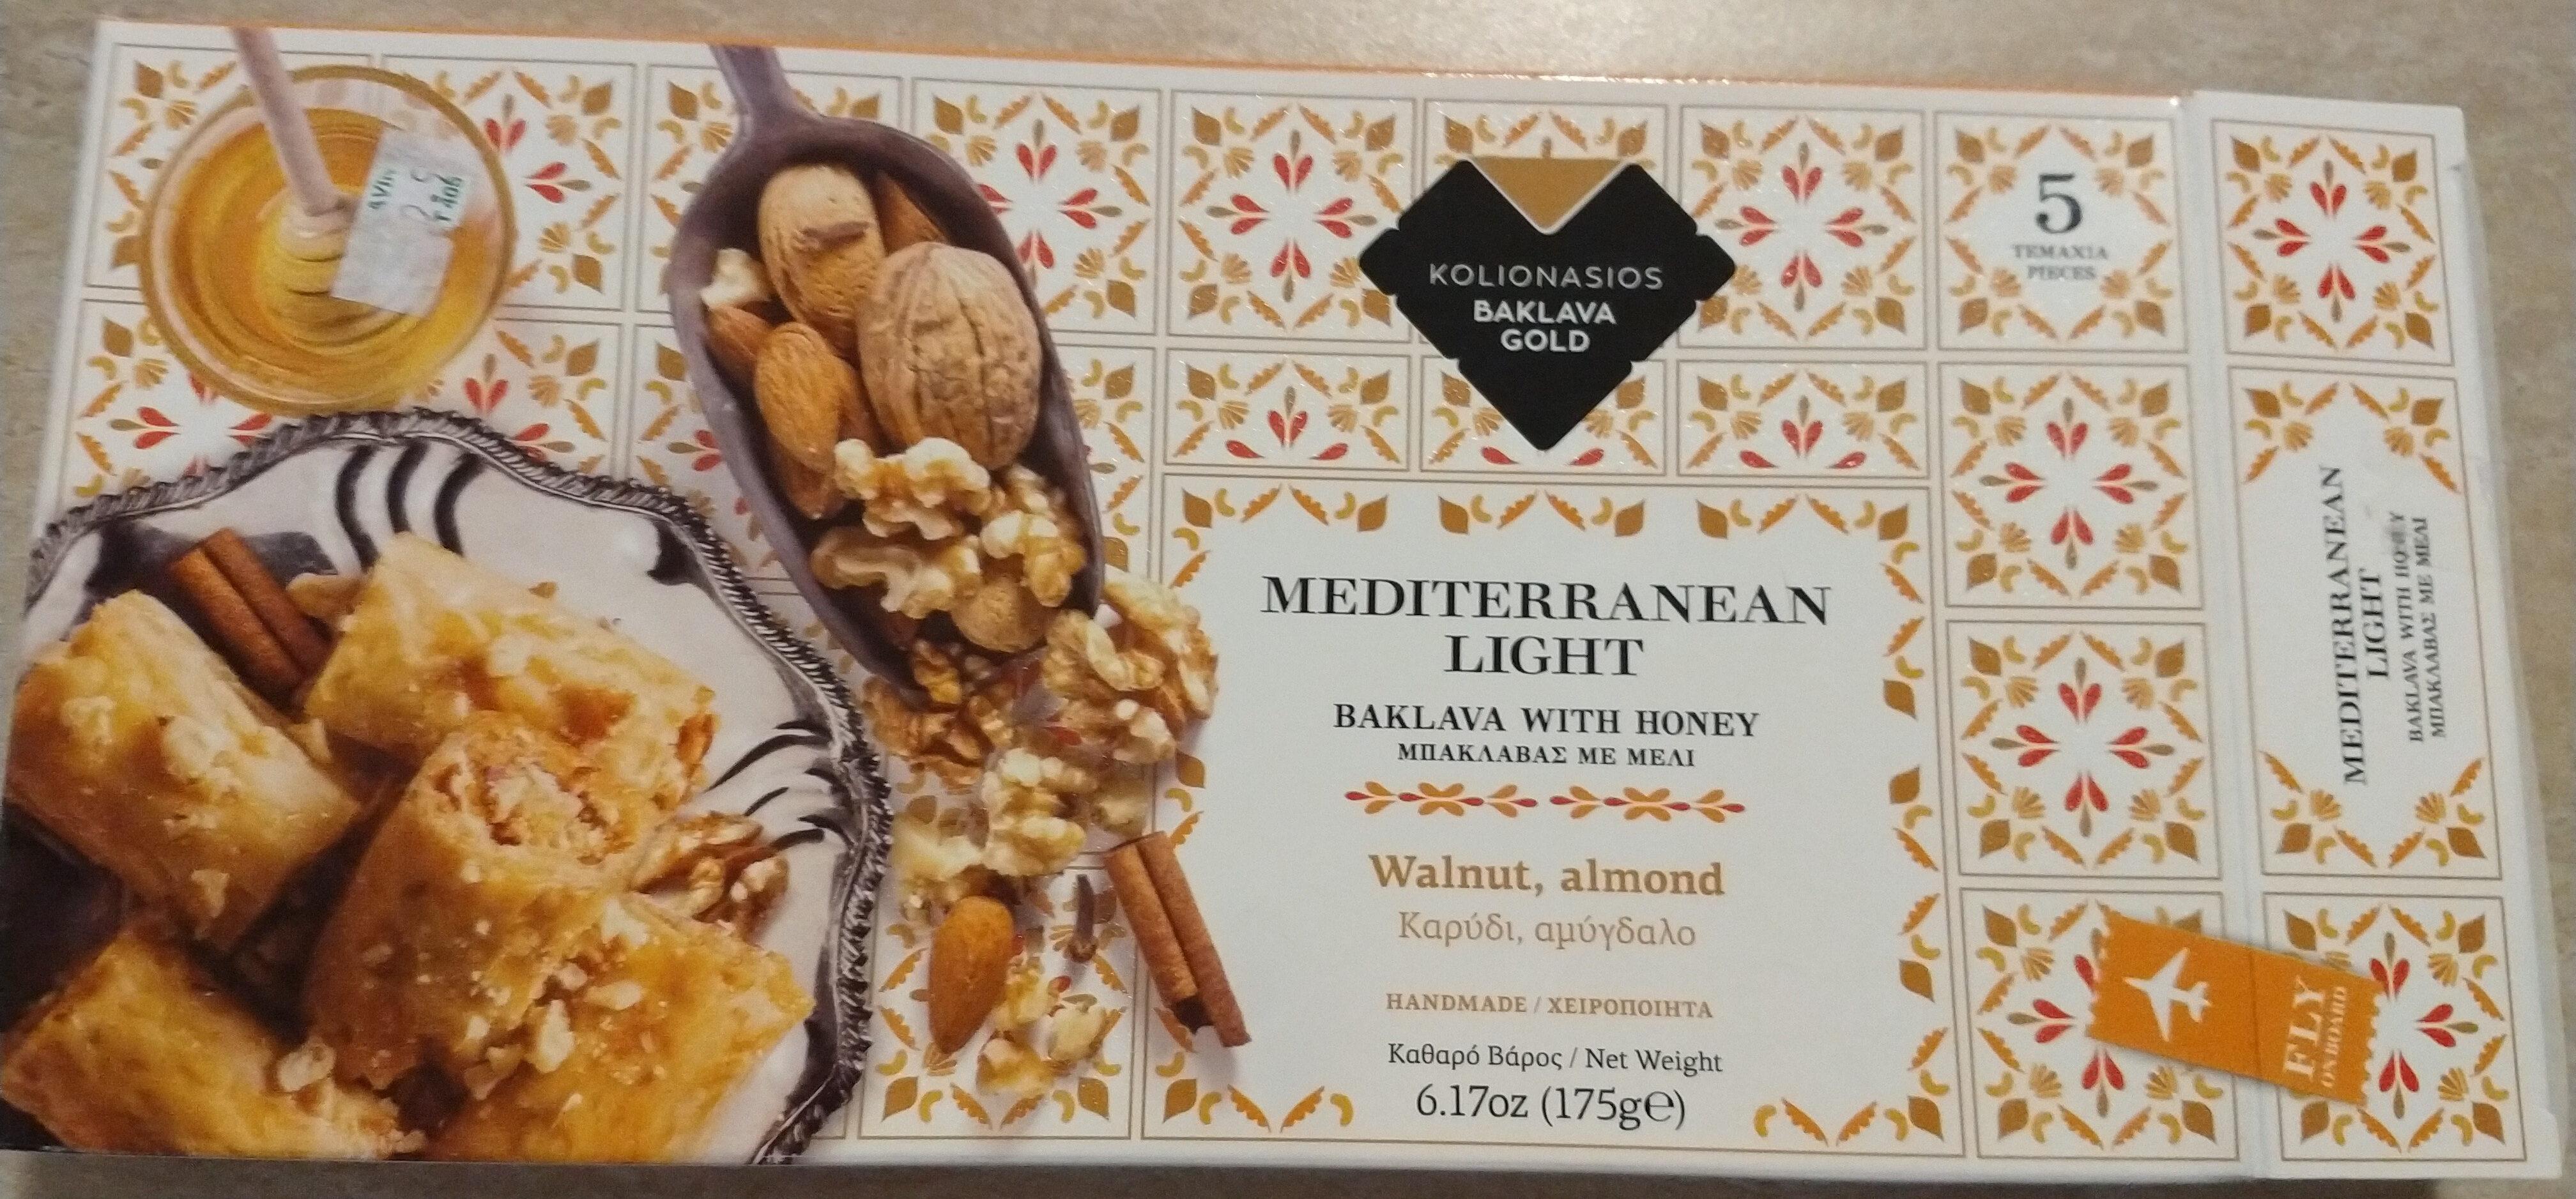 Mediterranean Light. Baklava with honey - Product - nb